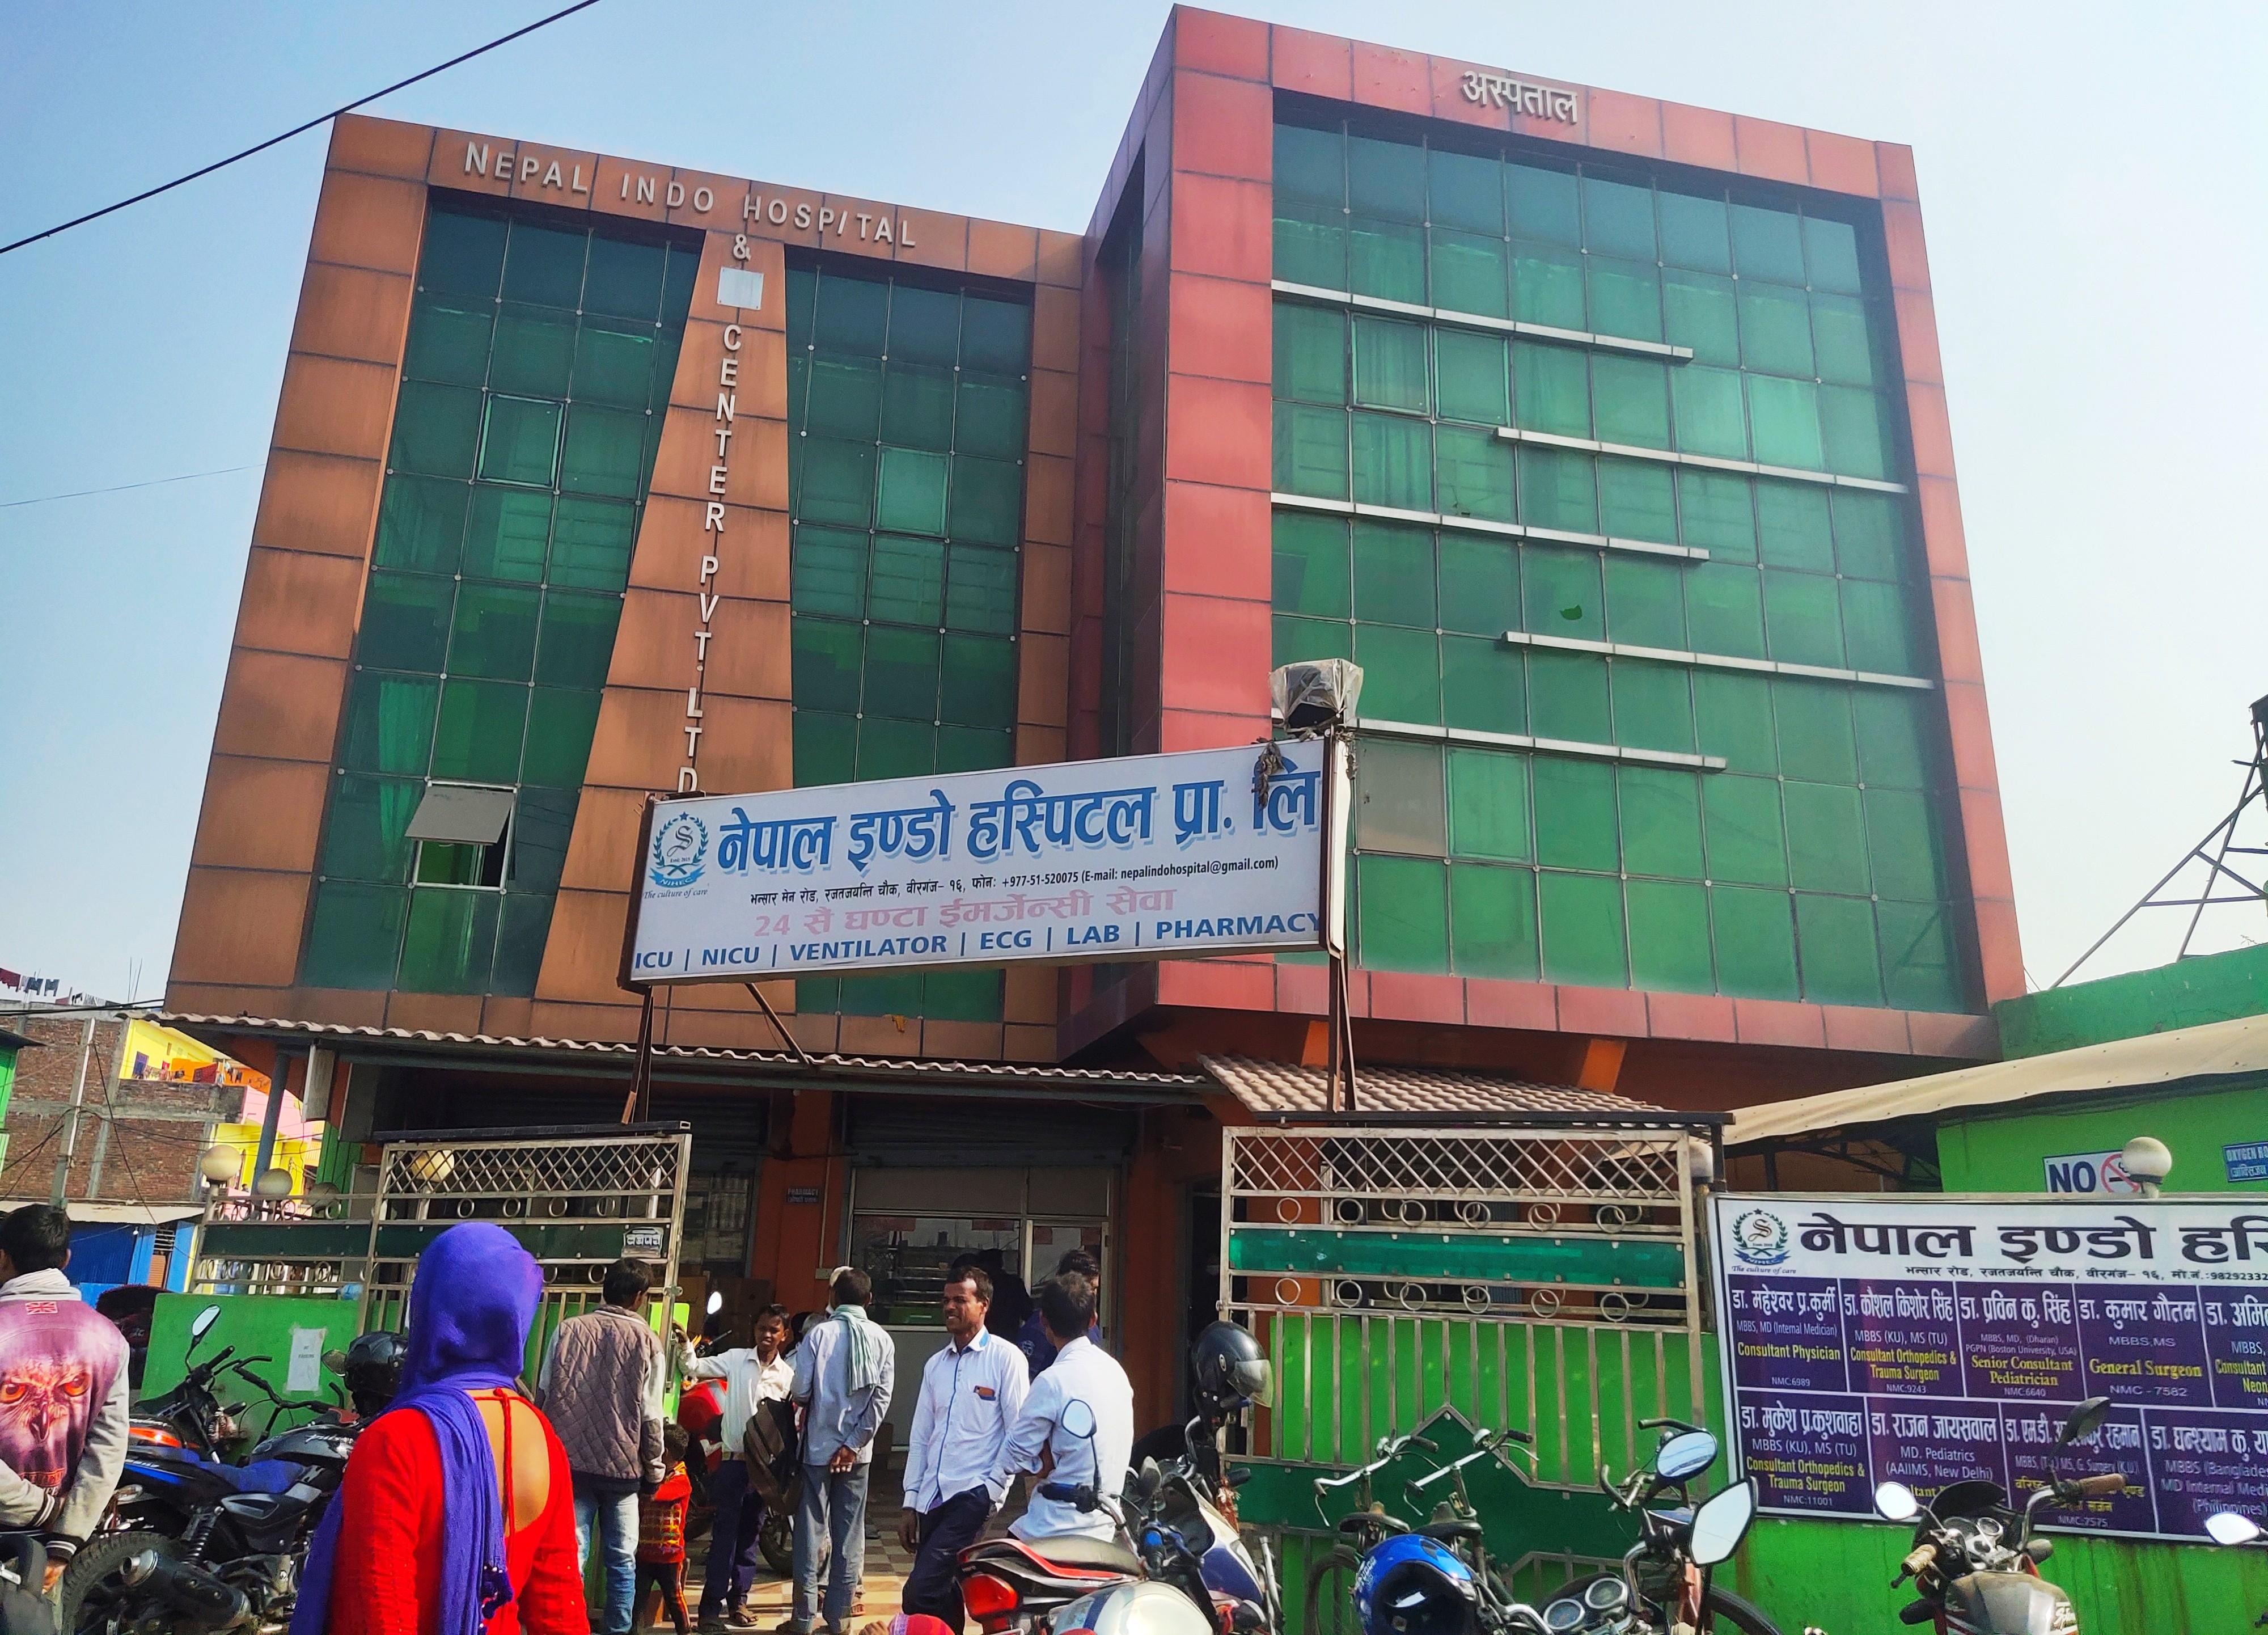 मापदण्ड अनुसार संचालन नभएको पाइएपछि नेपाल इन्डो हस्पिटललाई कारवाही शुरु